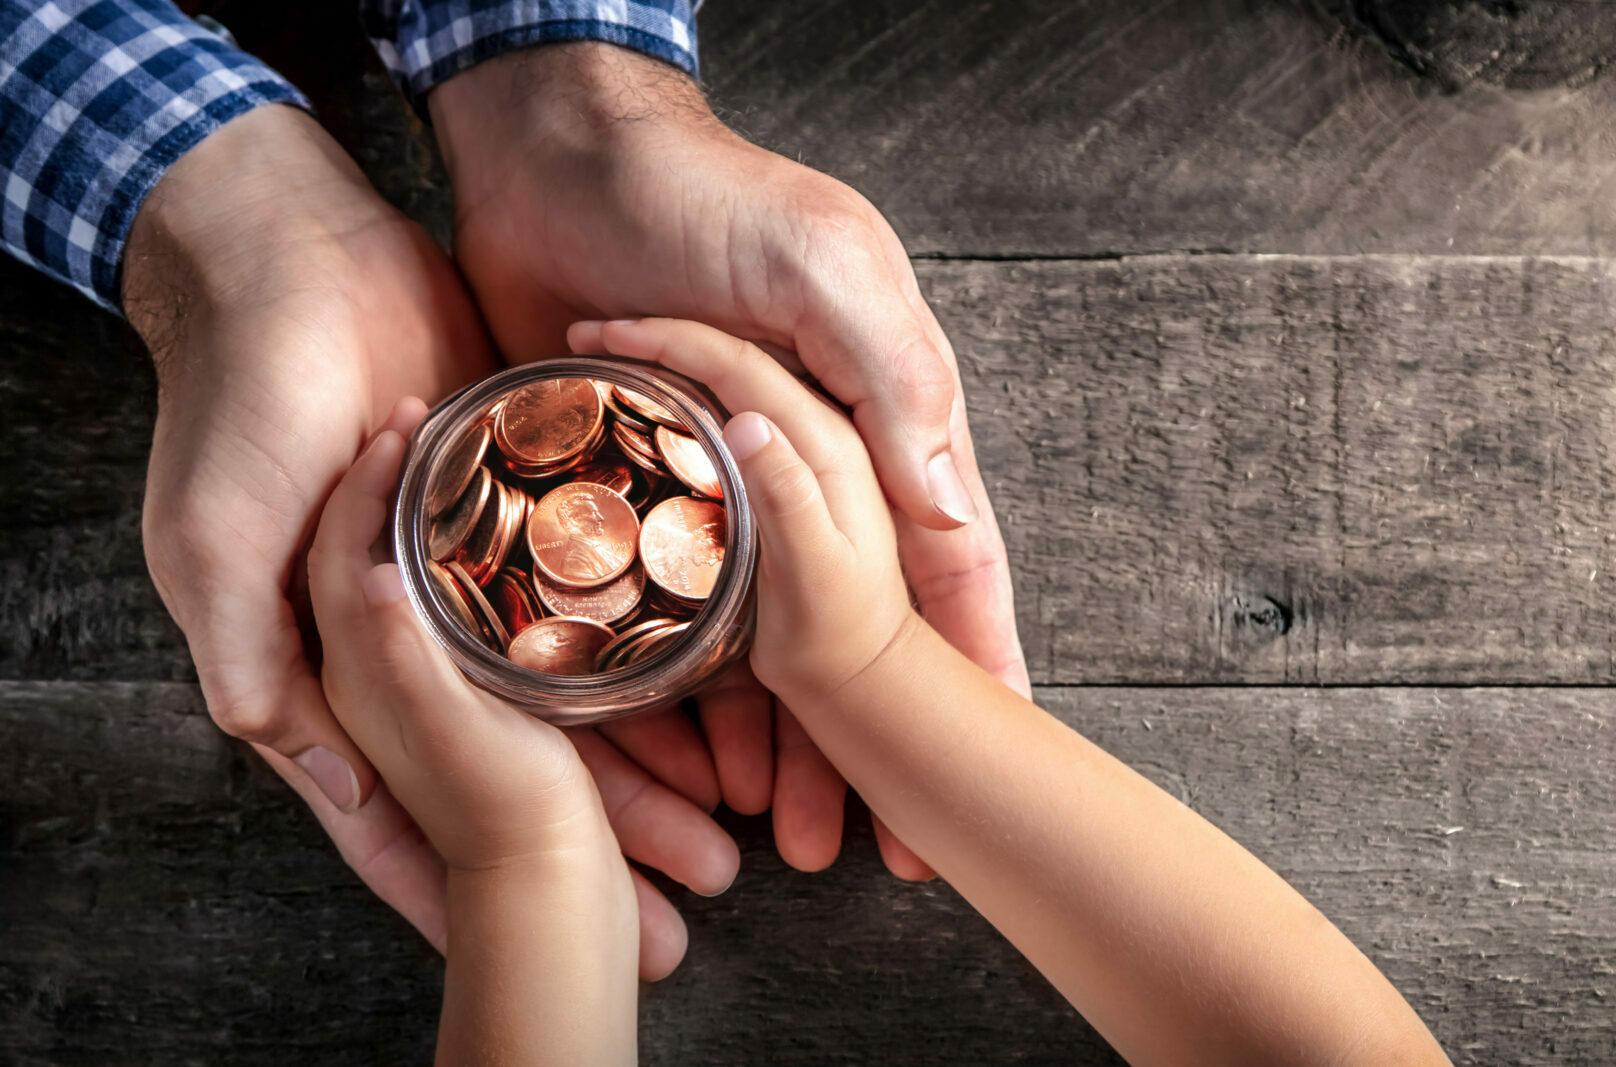 子育てにはお金がかかる。シングルマザーにやさしい子育て支援制度